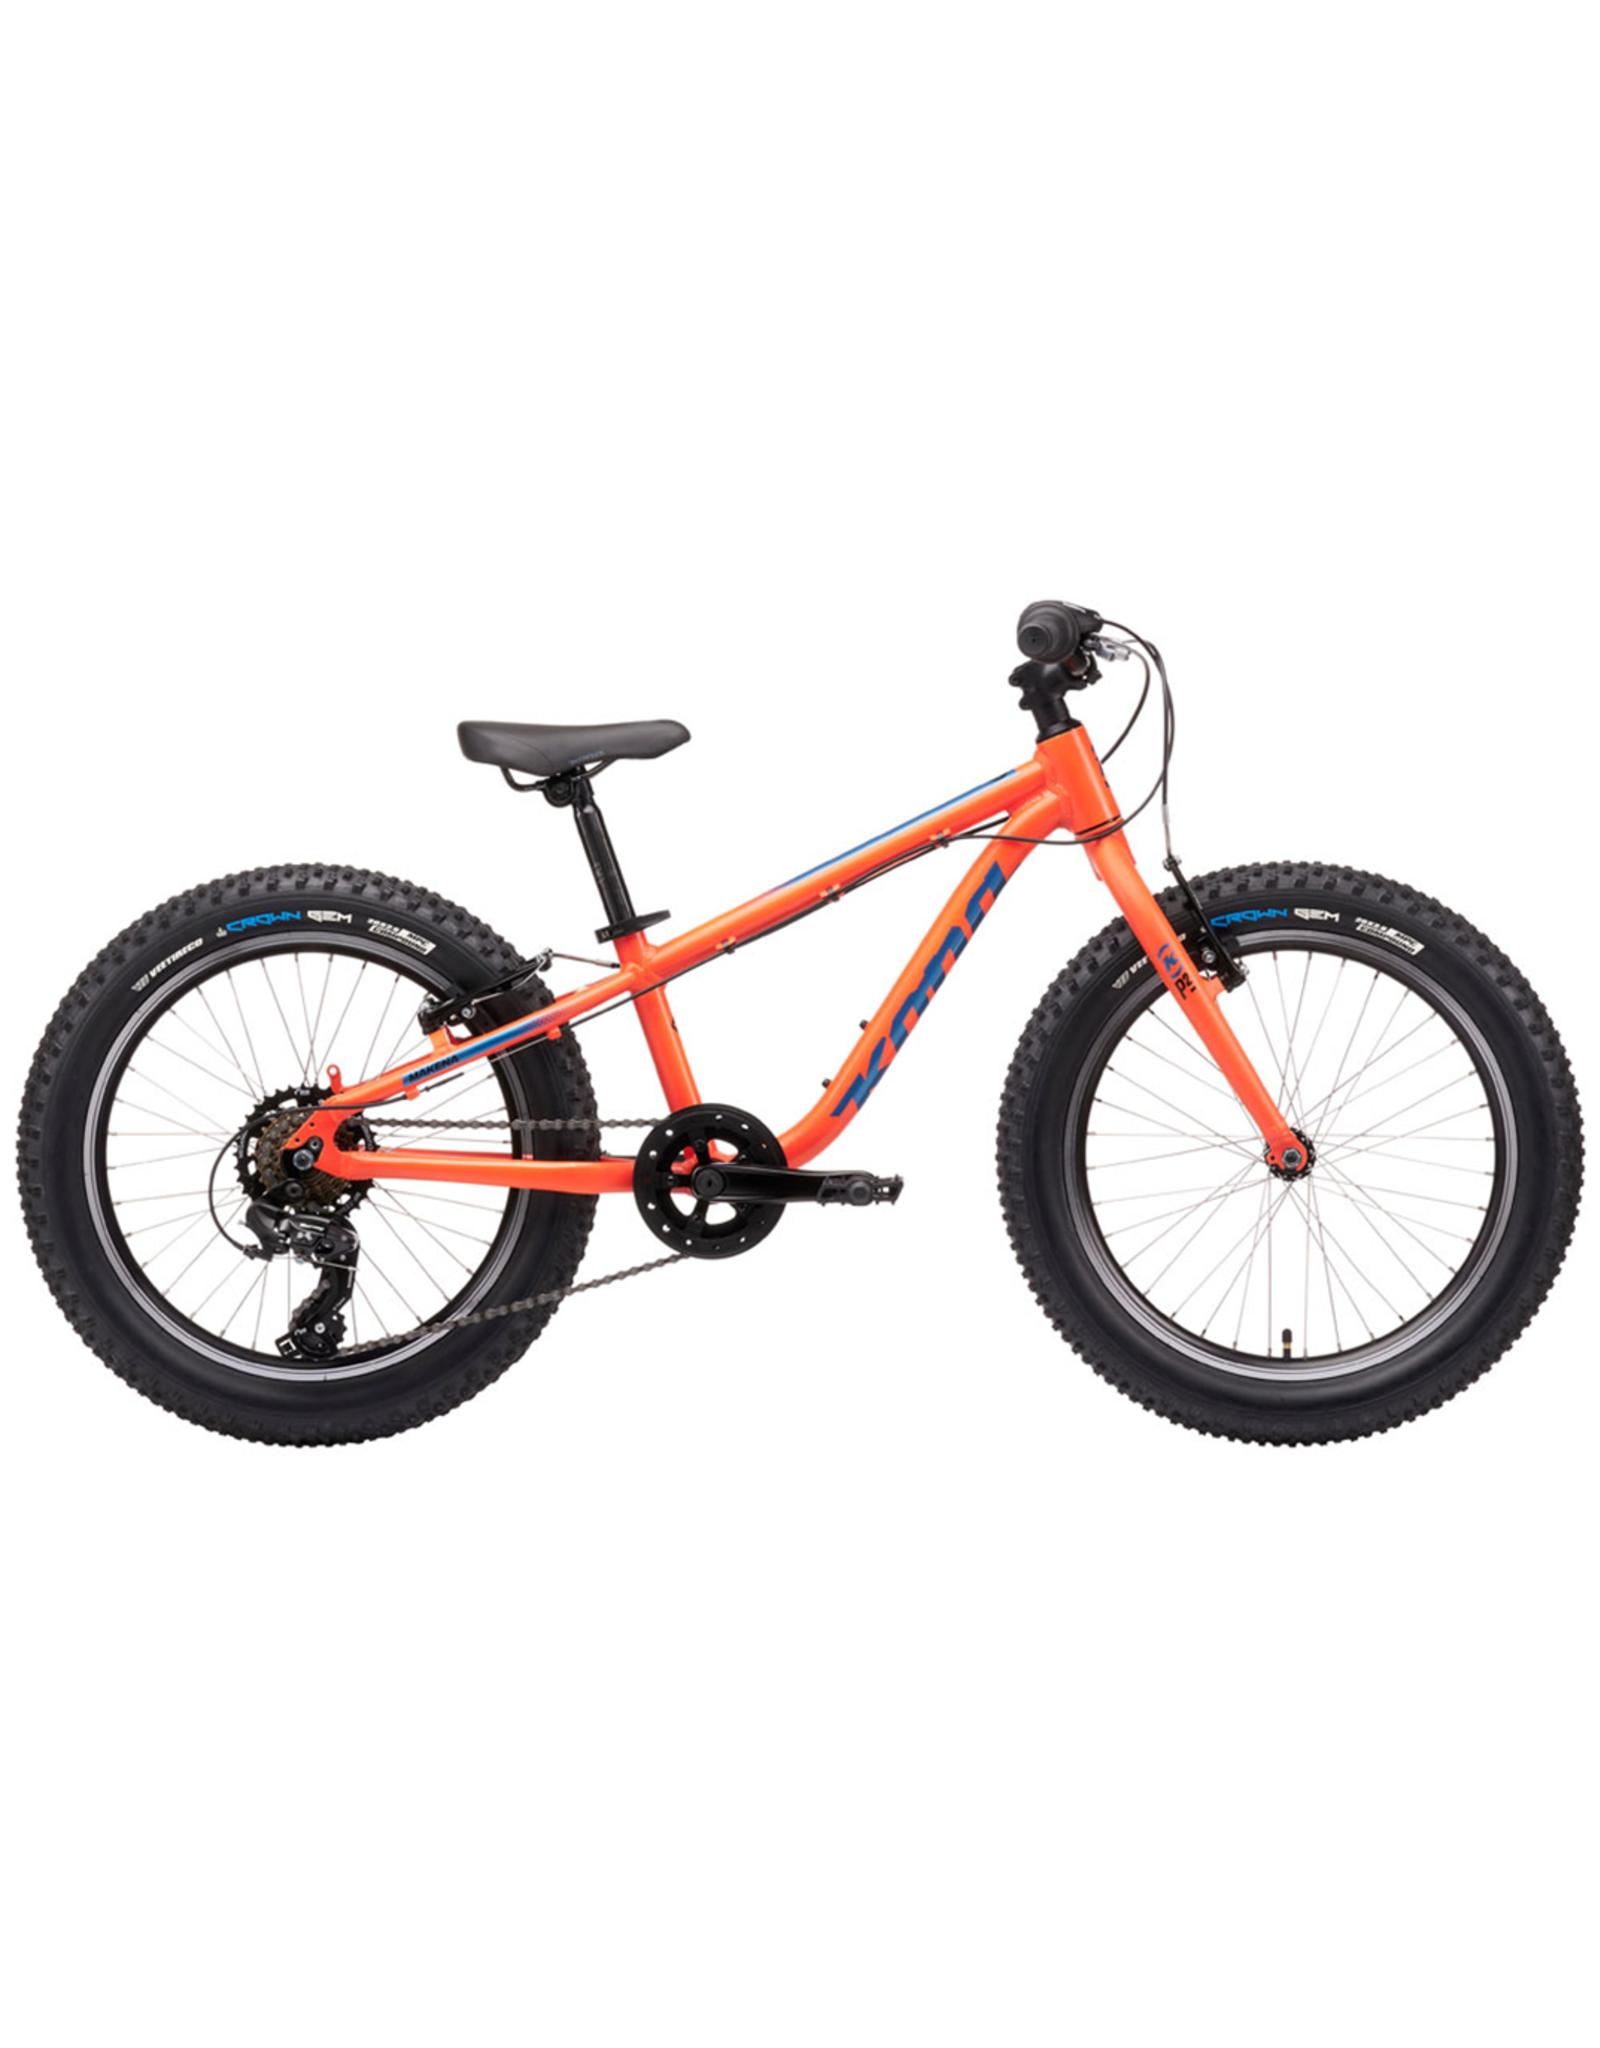 KONA Kona Makena Complete Bike: Matte Blood Orange